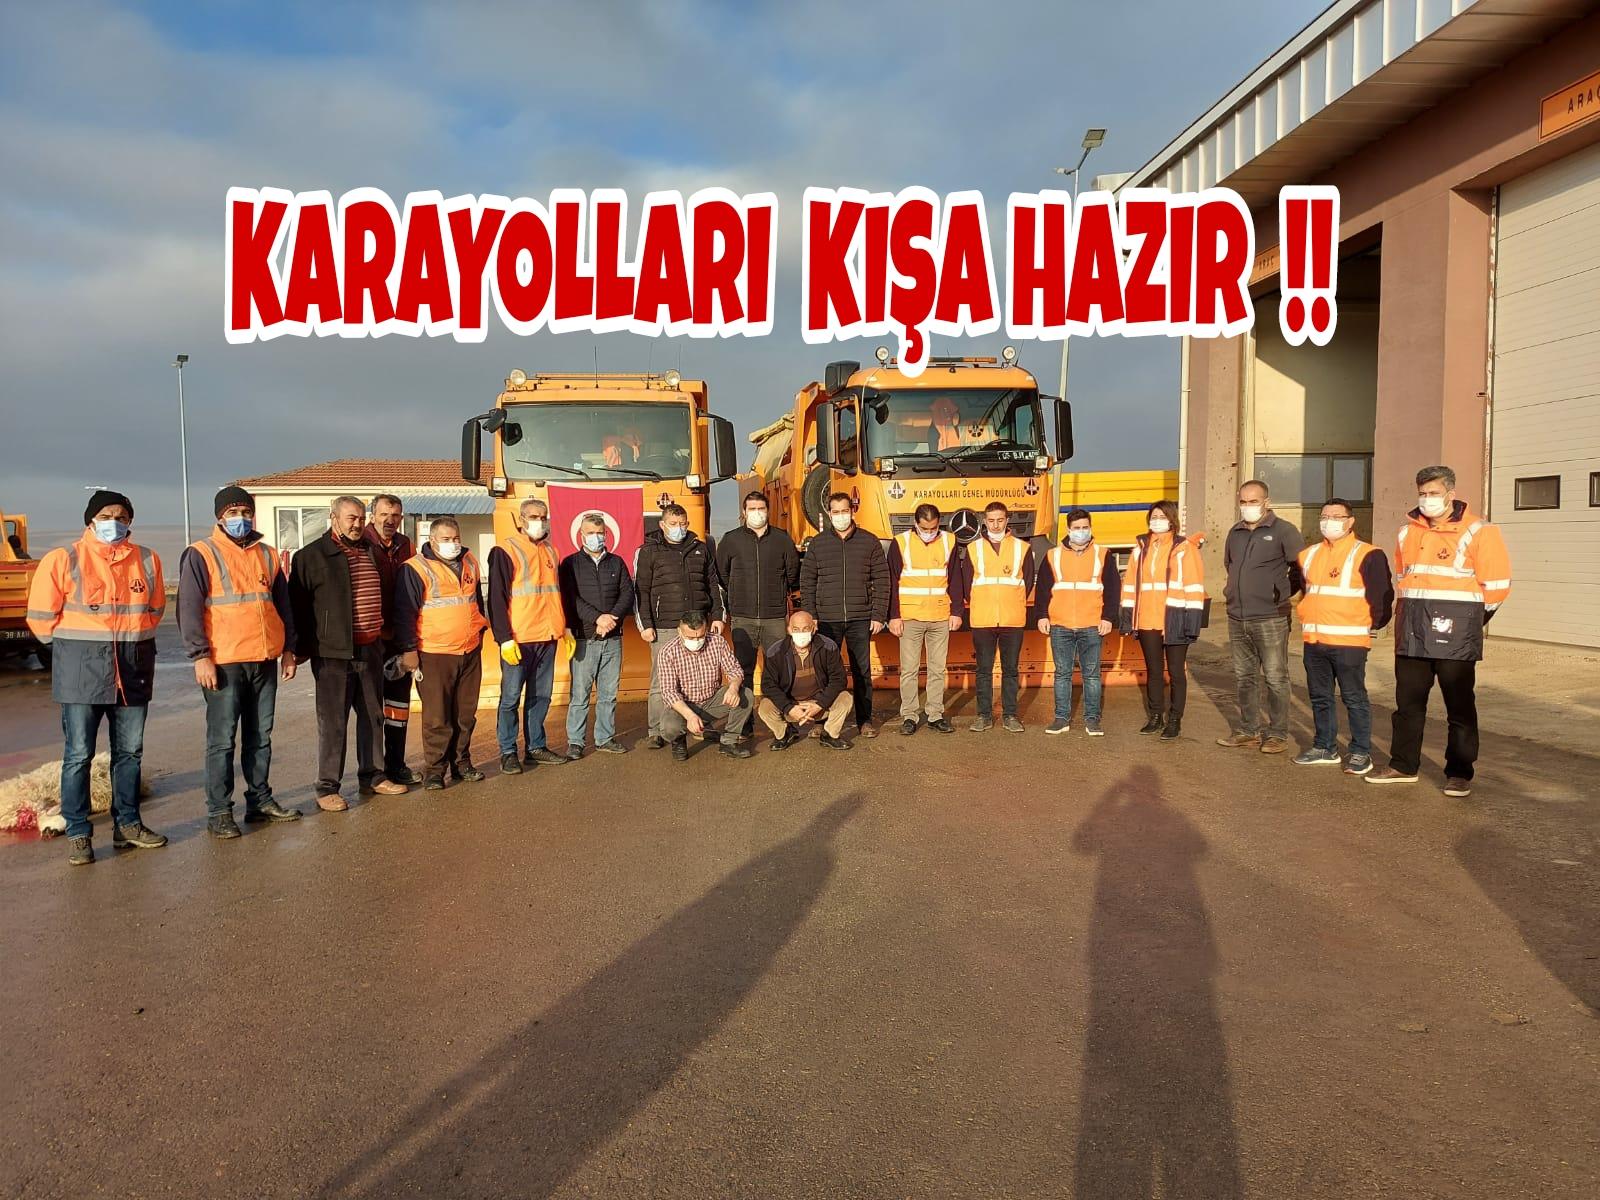 61. ŞUBEMİZ KARLA MÜCADELEYE HAZIR !!